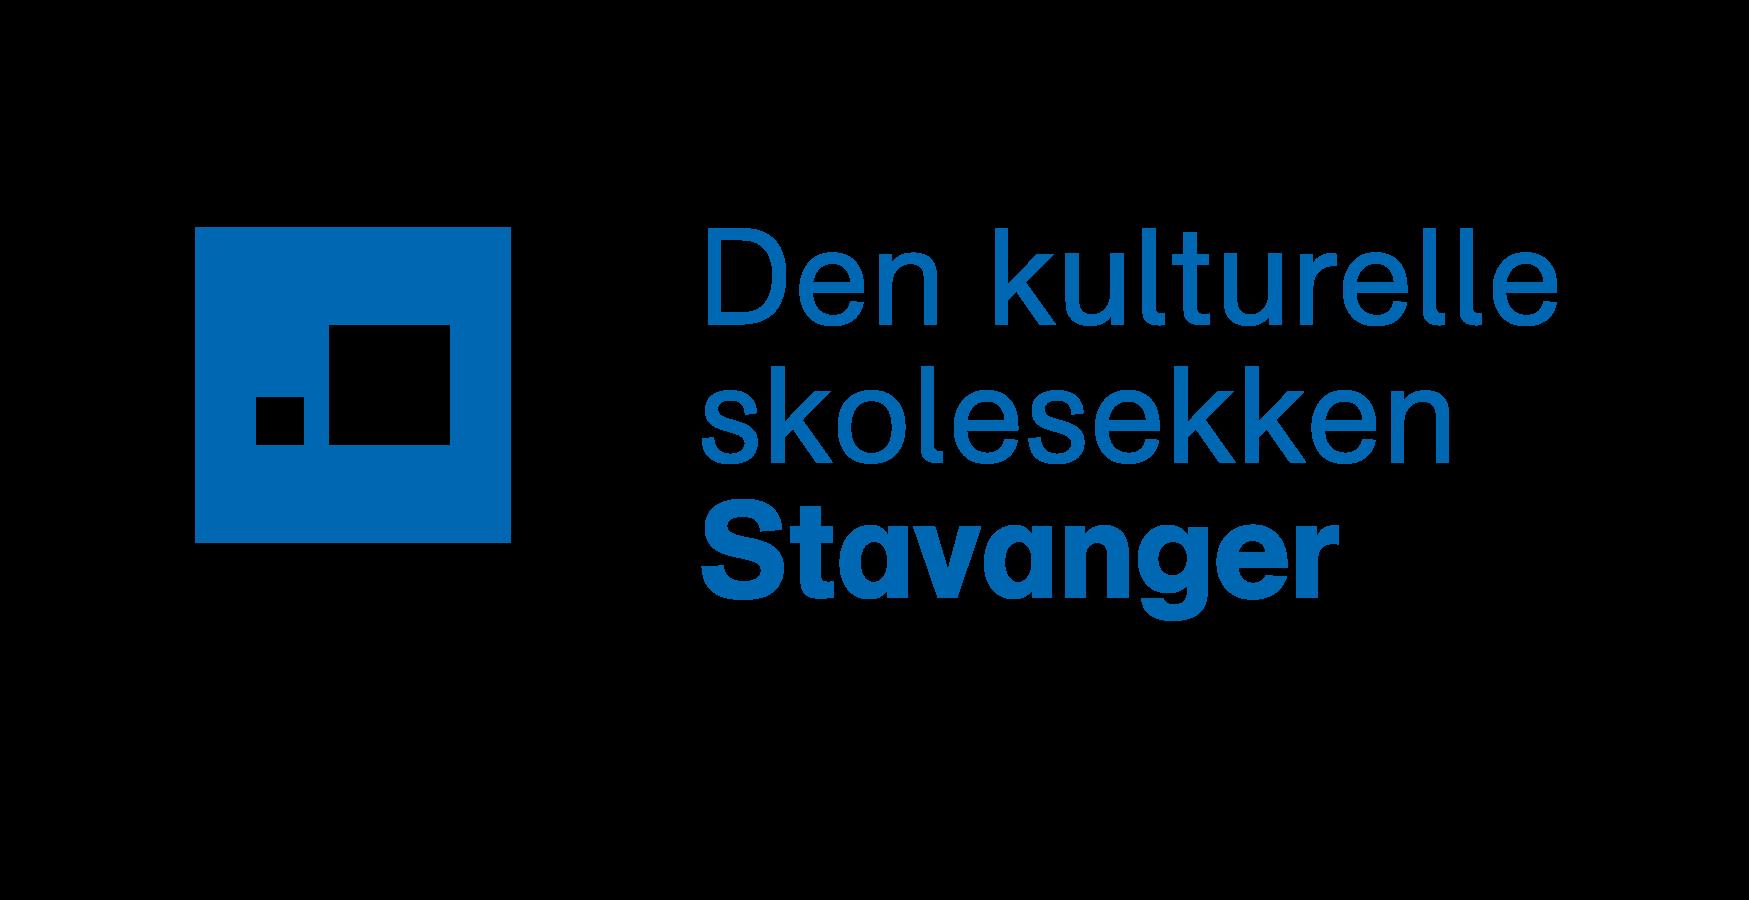 Stavanger DKS